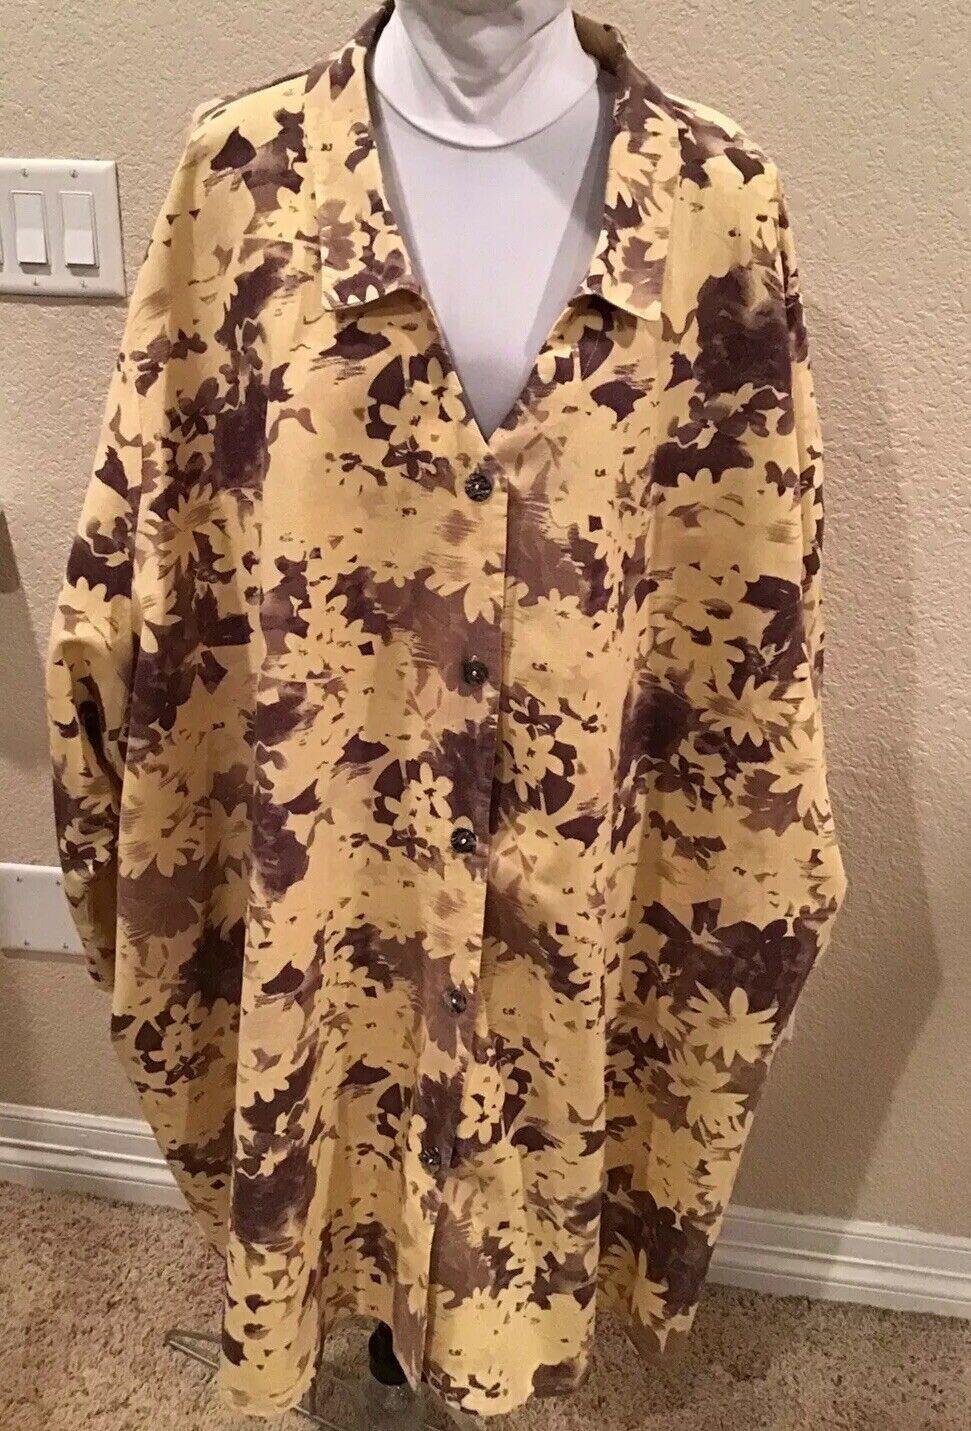 Making It Big MIB braun Floral damen's Top Shirt Linen  Blouse Plus Größe 7X